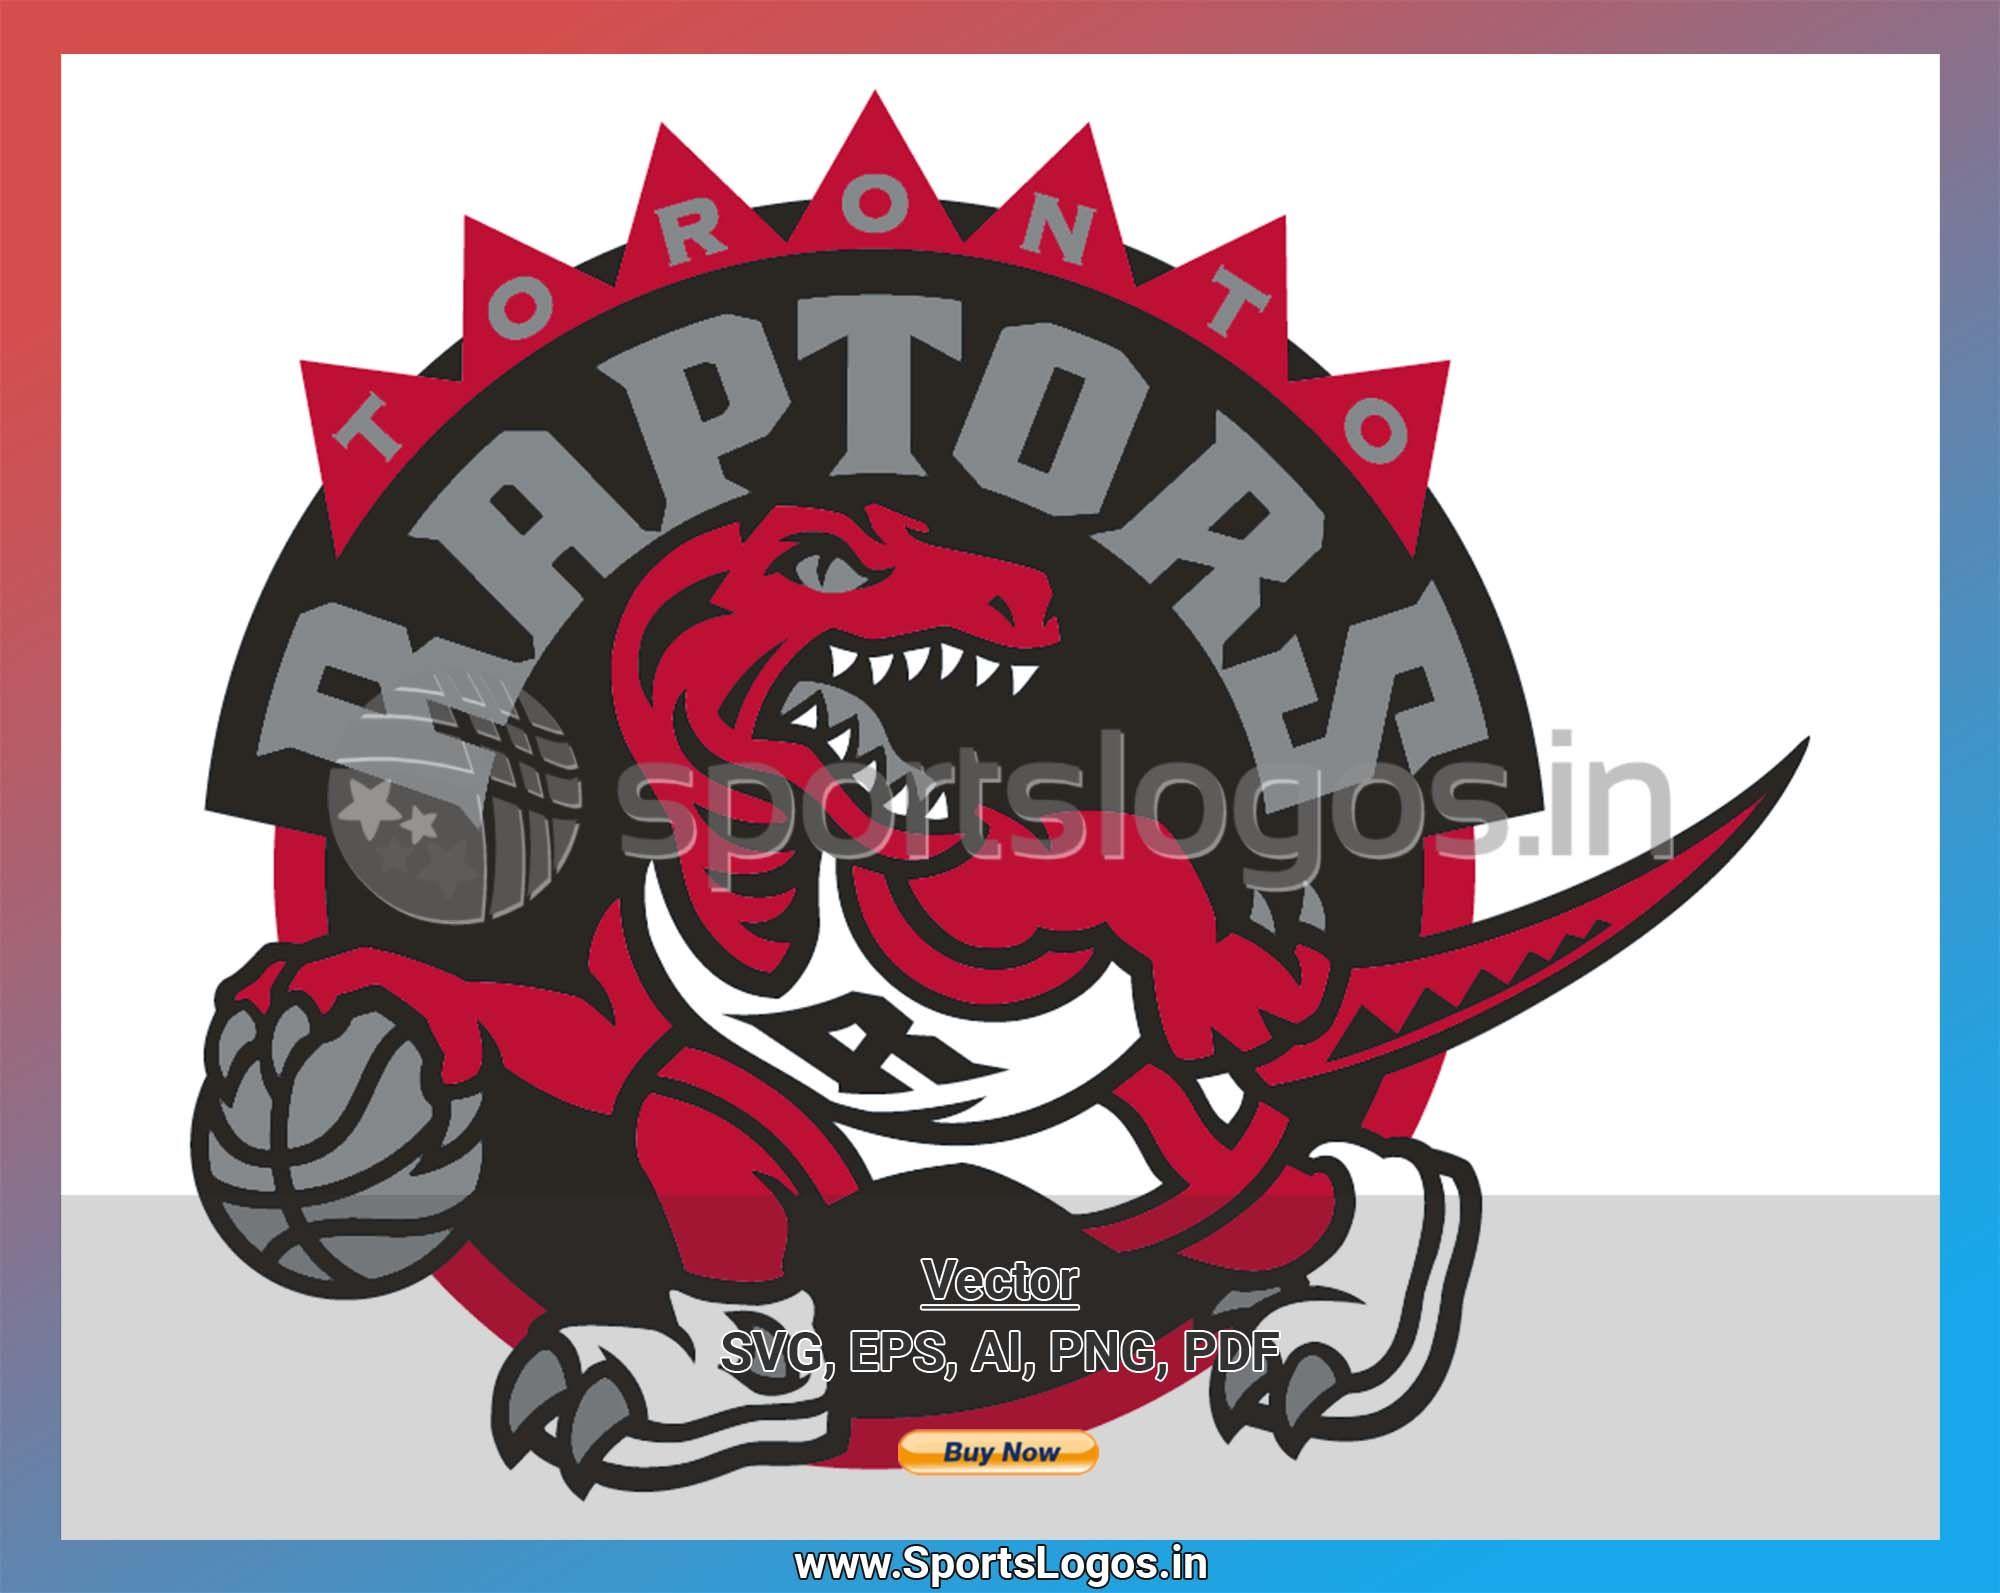 Toronto Raptors 2008/092014/15, National Basketball